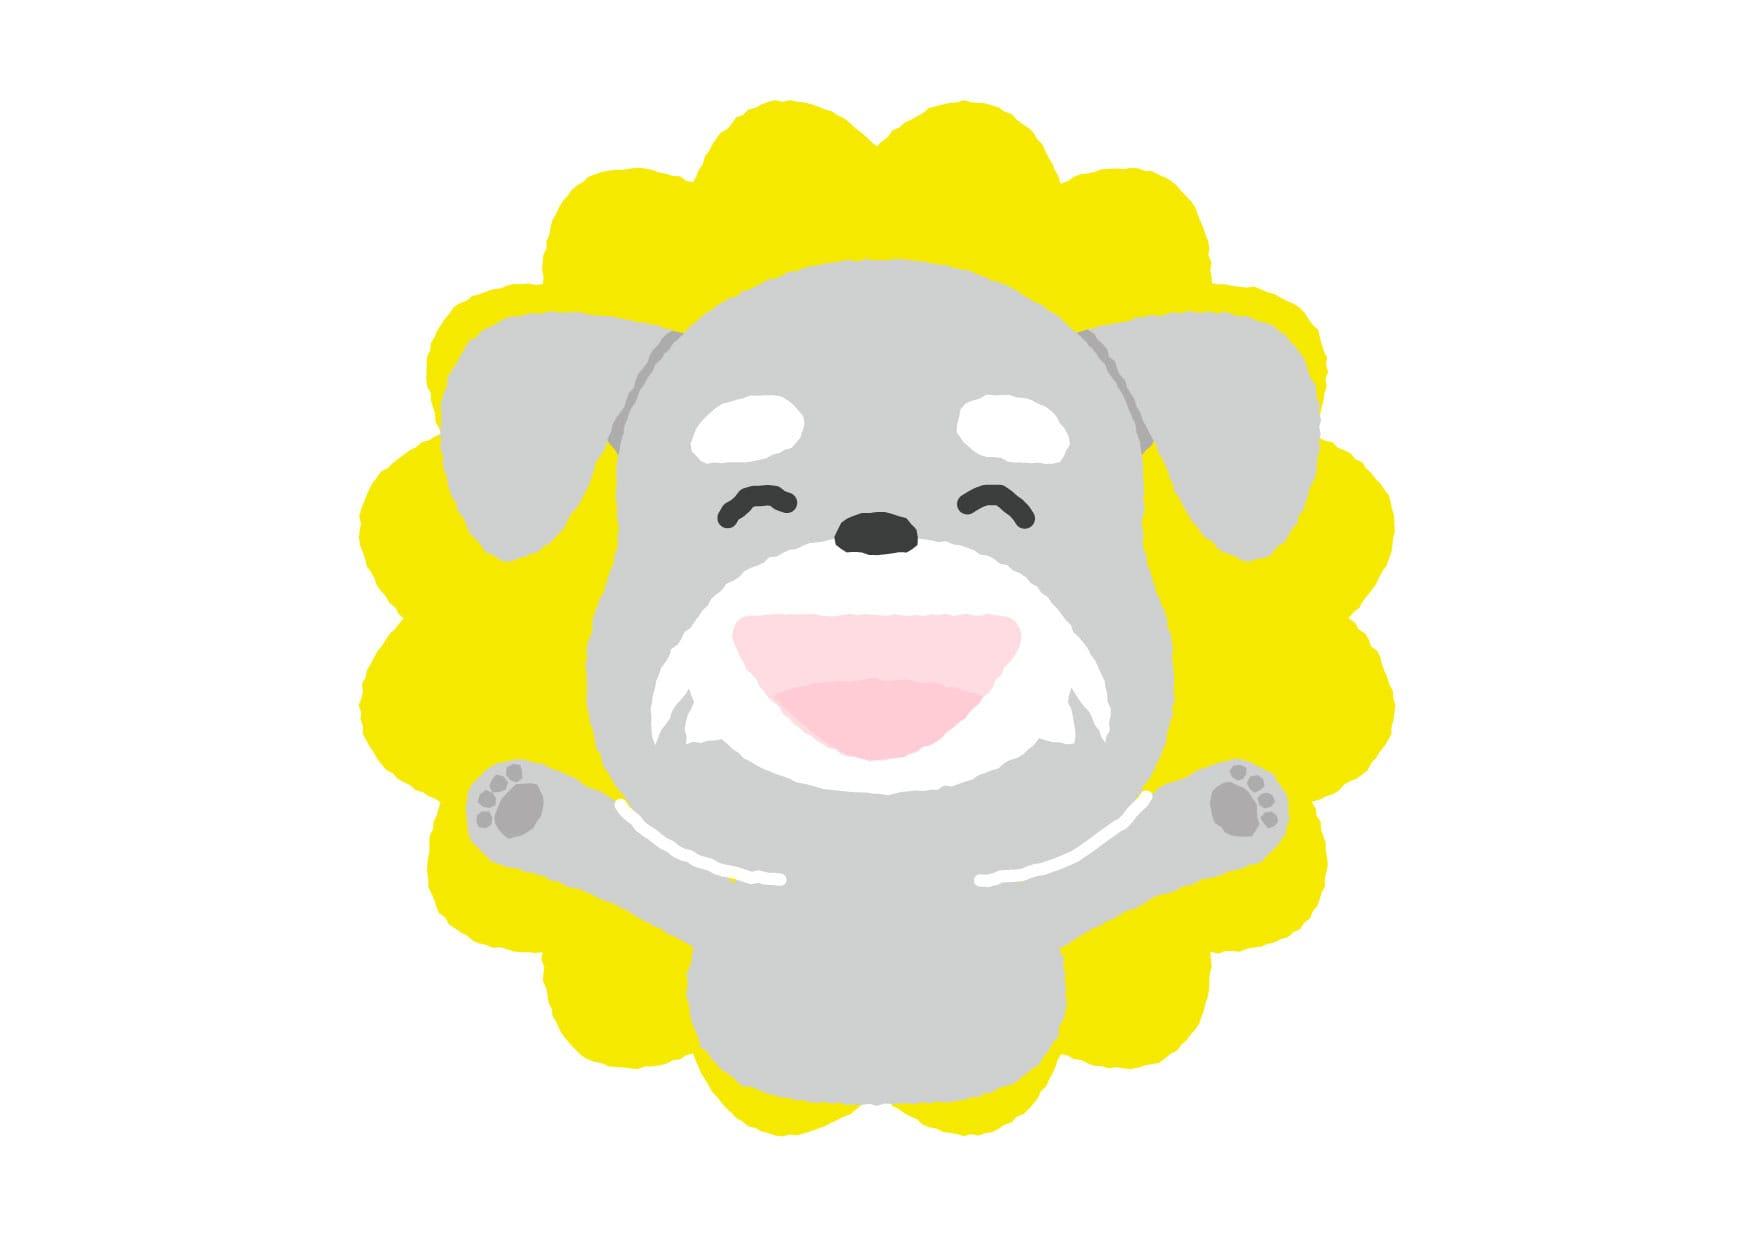 可愛いイラスト無料|犬 わーい − free illustration  Dog wow